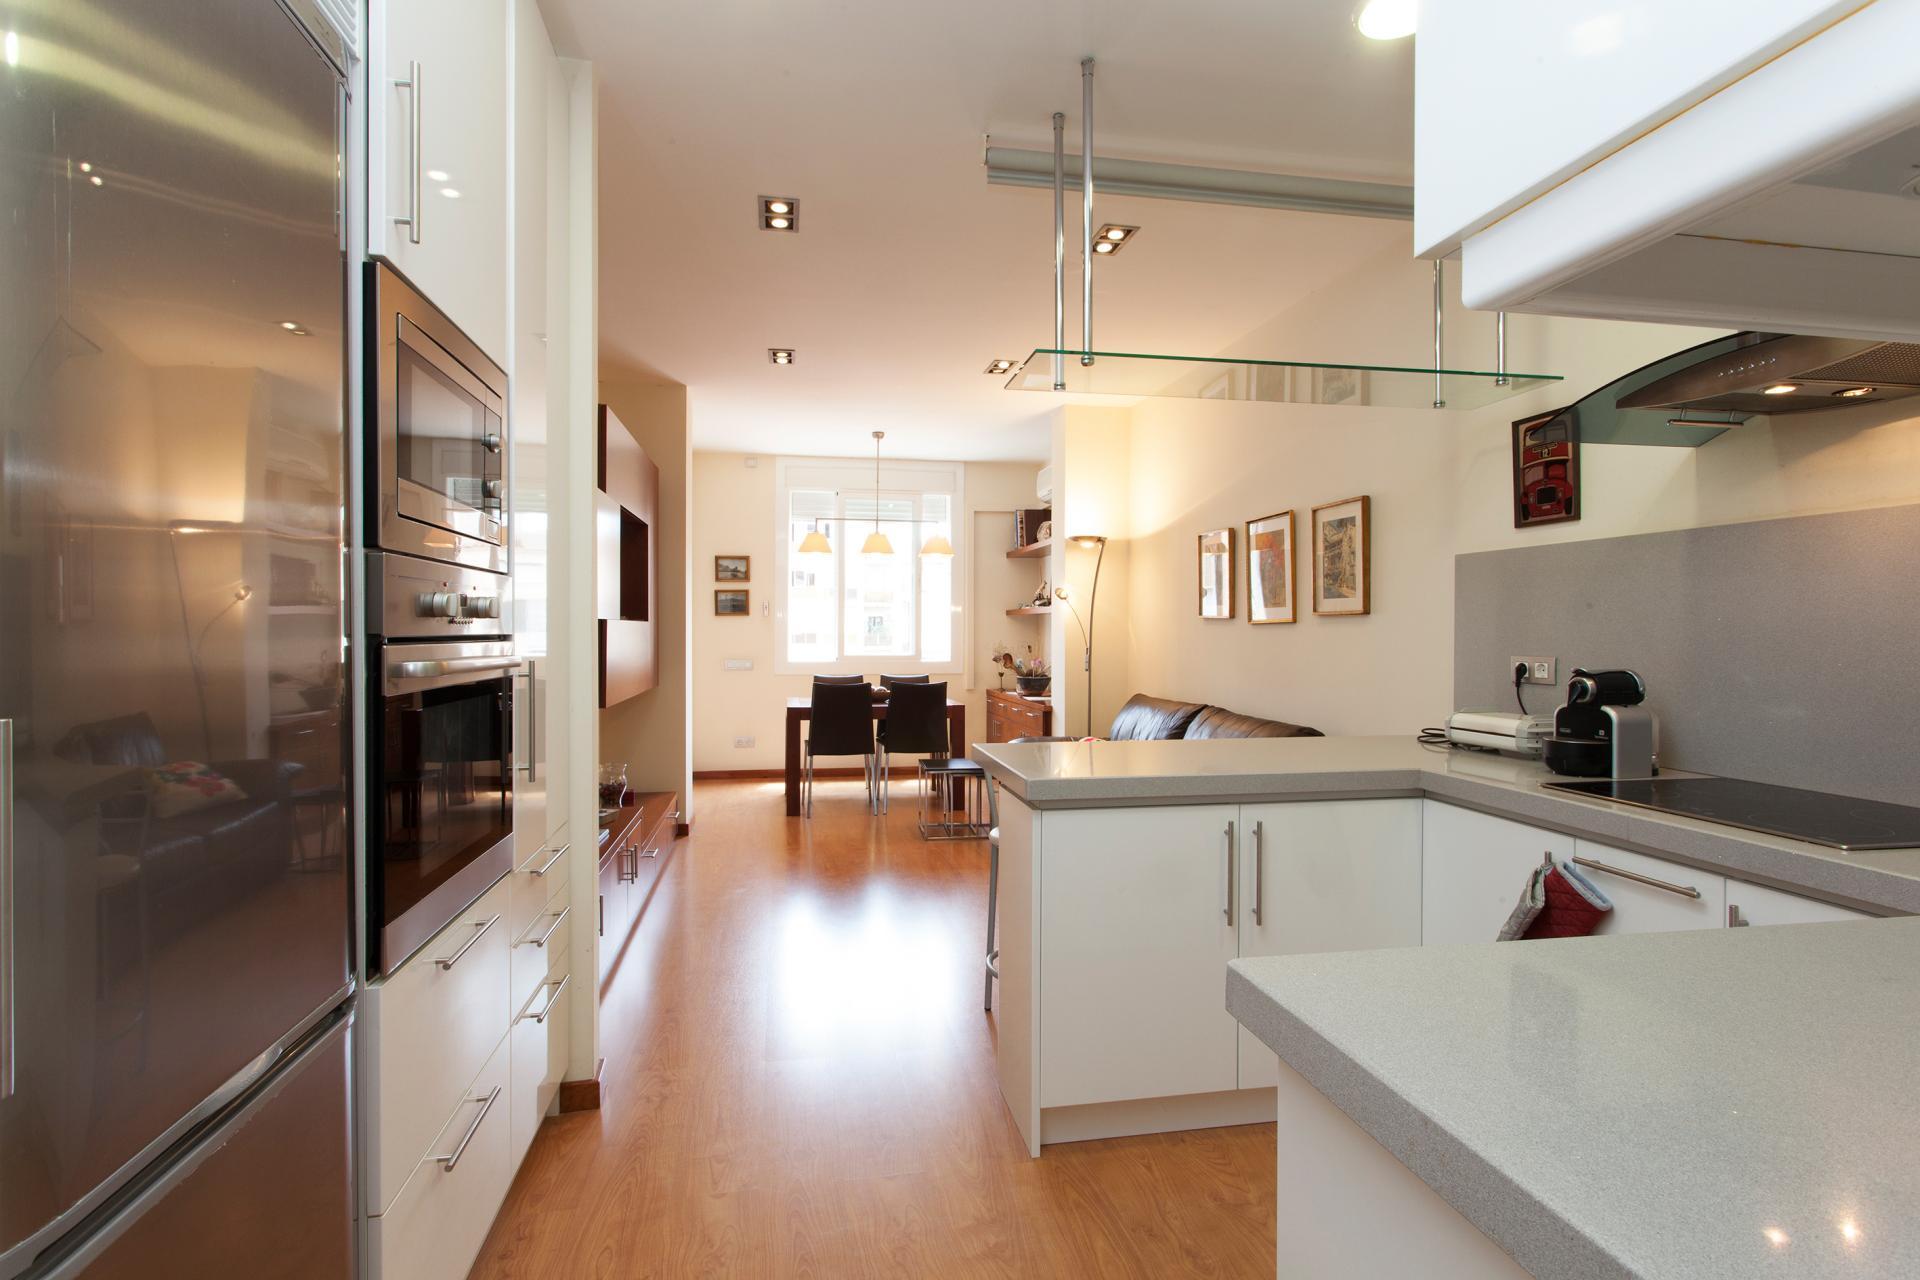 Shbarcelona alquiler piso turistico rosellon aribau - Pisos turisticos barcelona ...